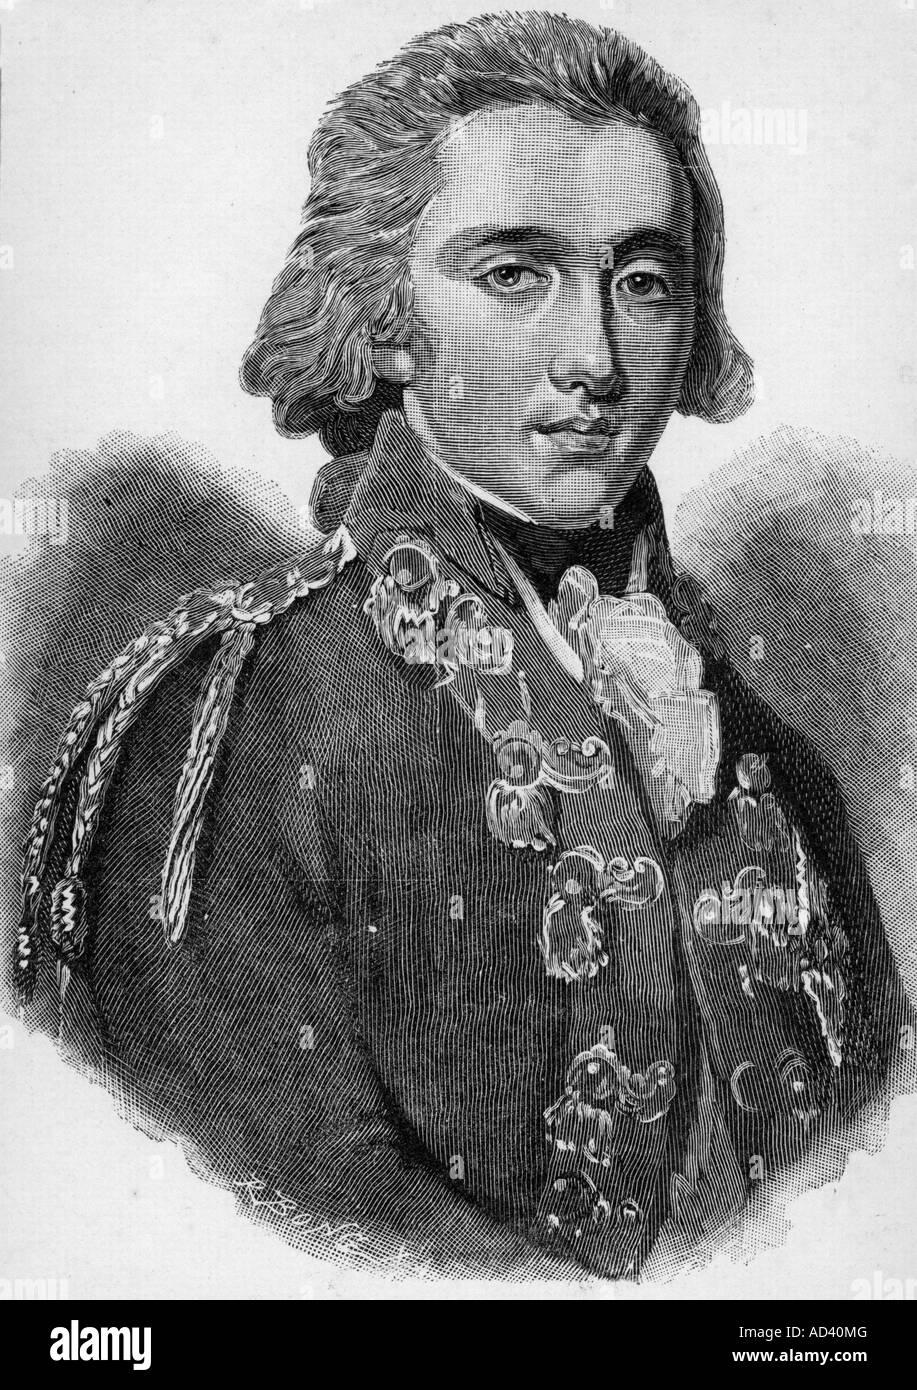 Guillermo I, 24.8.1772 - 12.12.1843, Rey de los Países Bajos 16.3.1814 - 7.10.1840, retrato, grabado, después Imagen De Stock